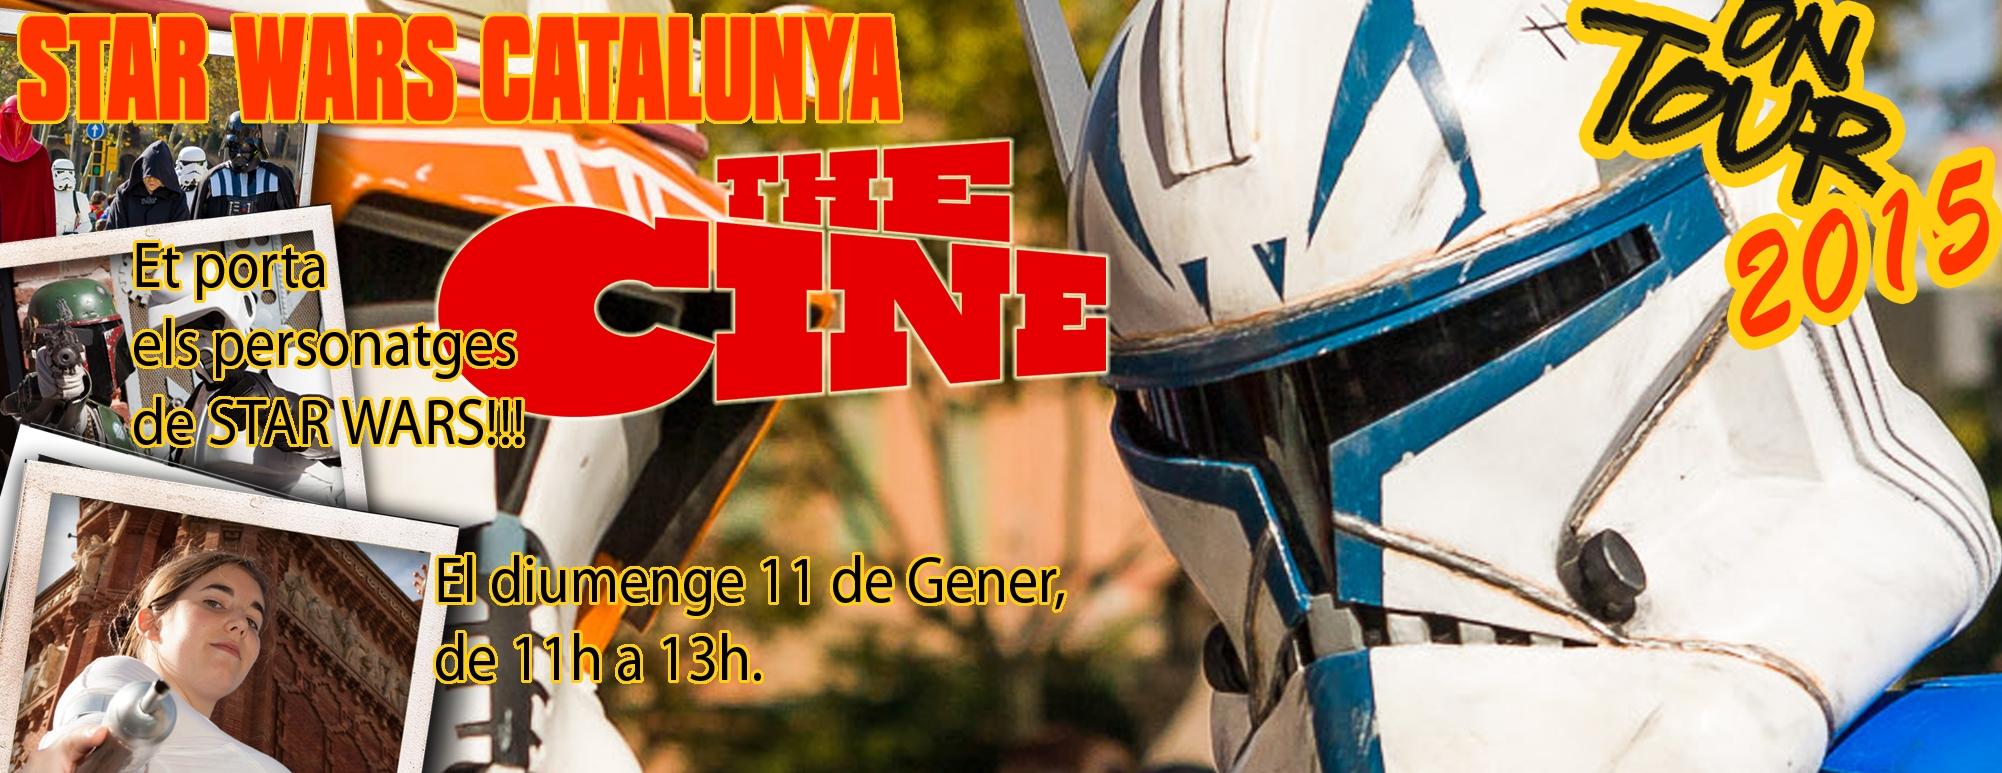 banner the cine copia